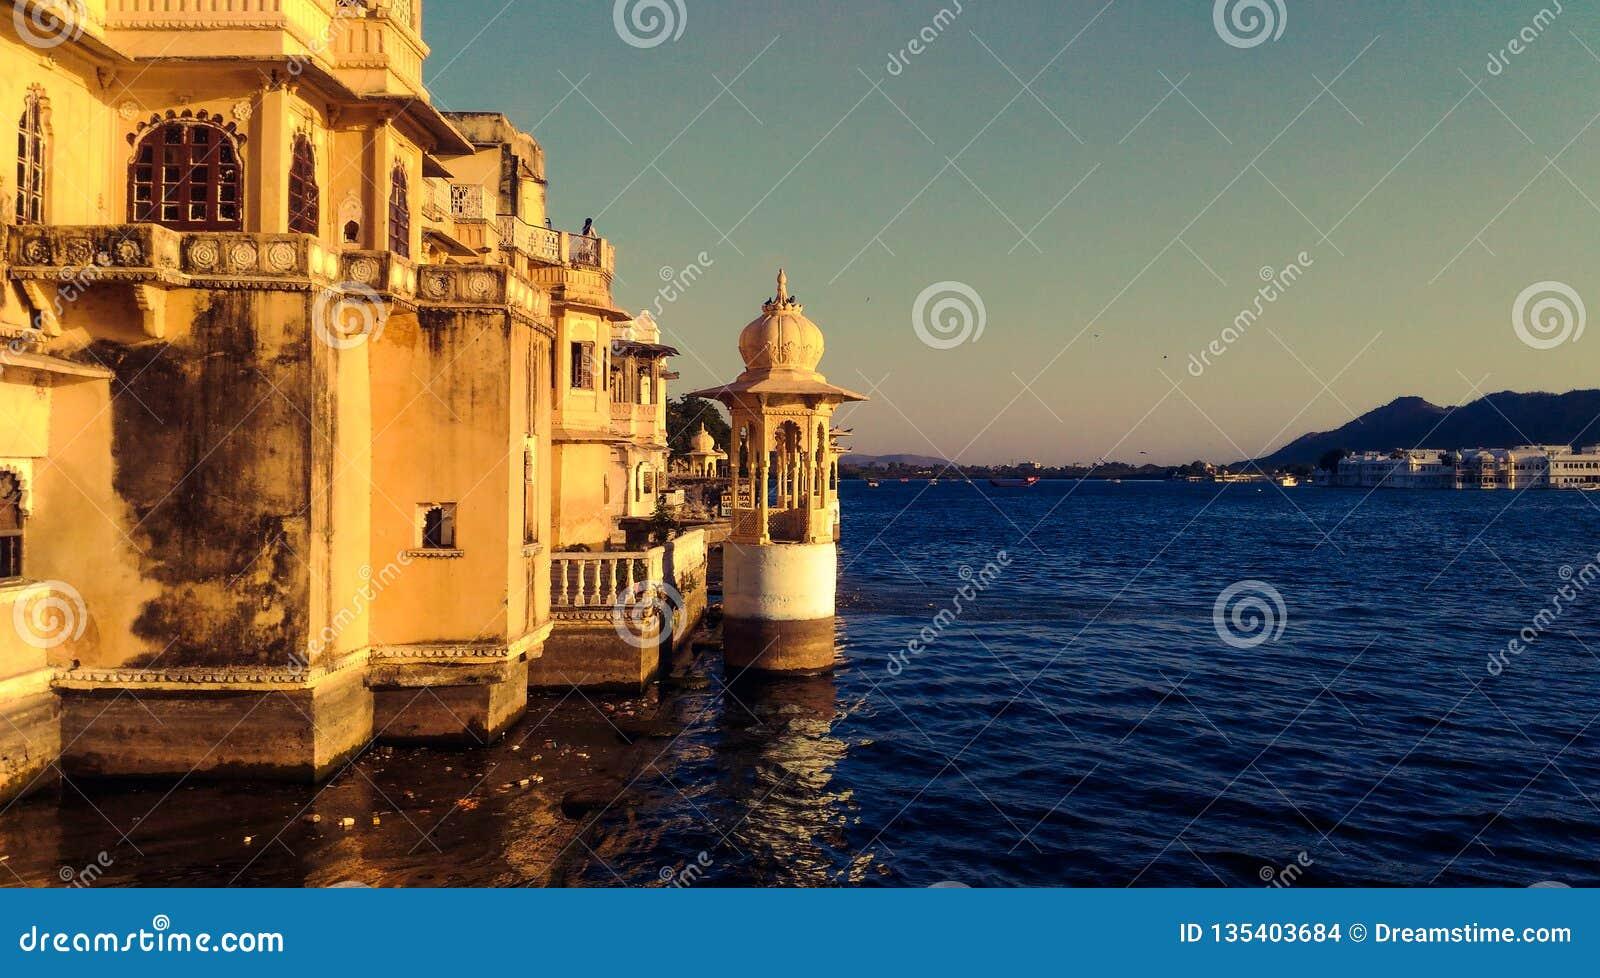 Pałac w jeziorze udaipur ind